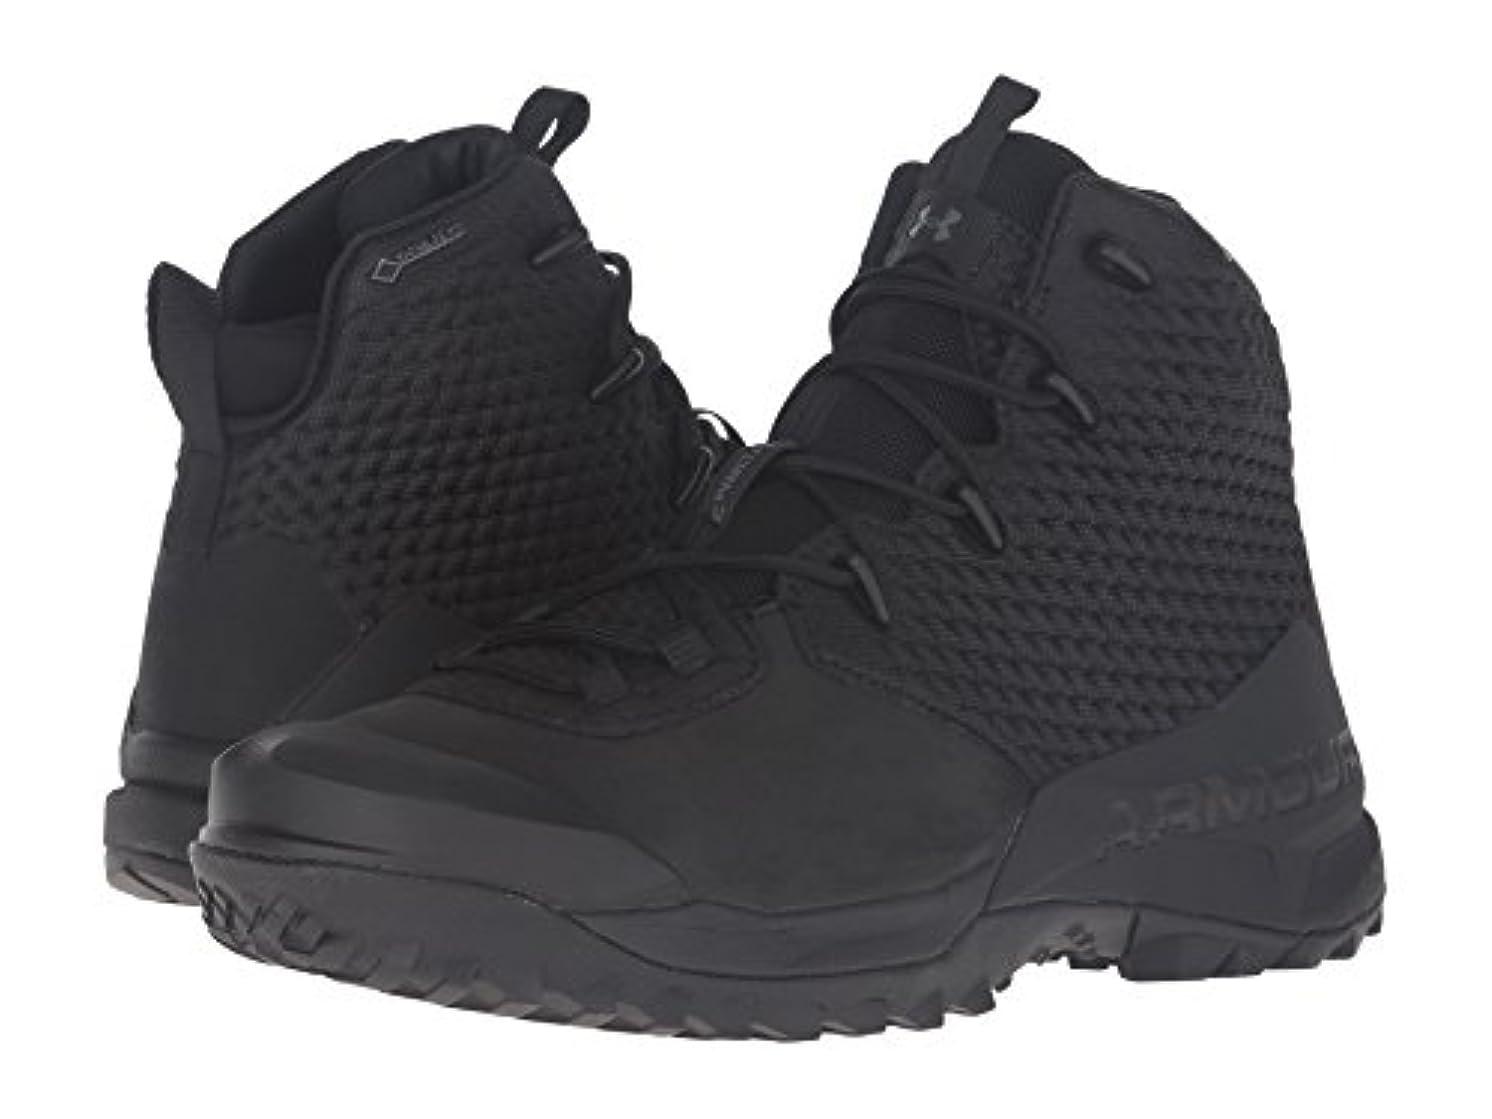 キリスト高度フレッシュ(アンダーアーマー) UNDER ARMOUR メンズブーツ?靴 UA Infil Hike GTX Black/Black 11.5 (29.5cm) D - Medium